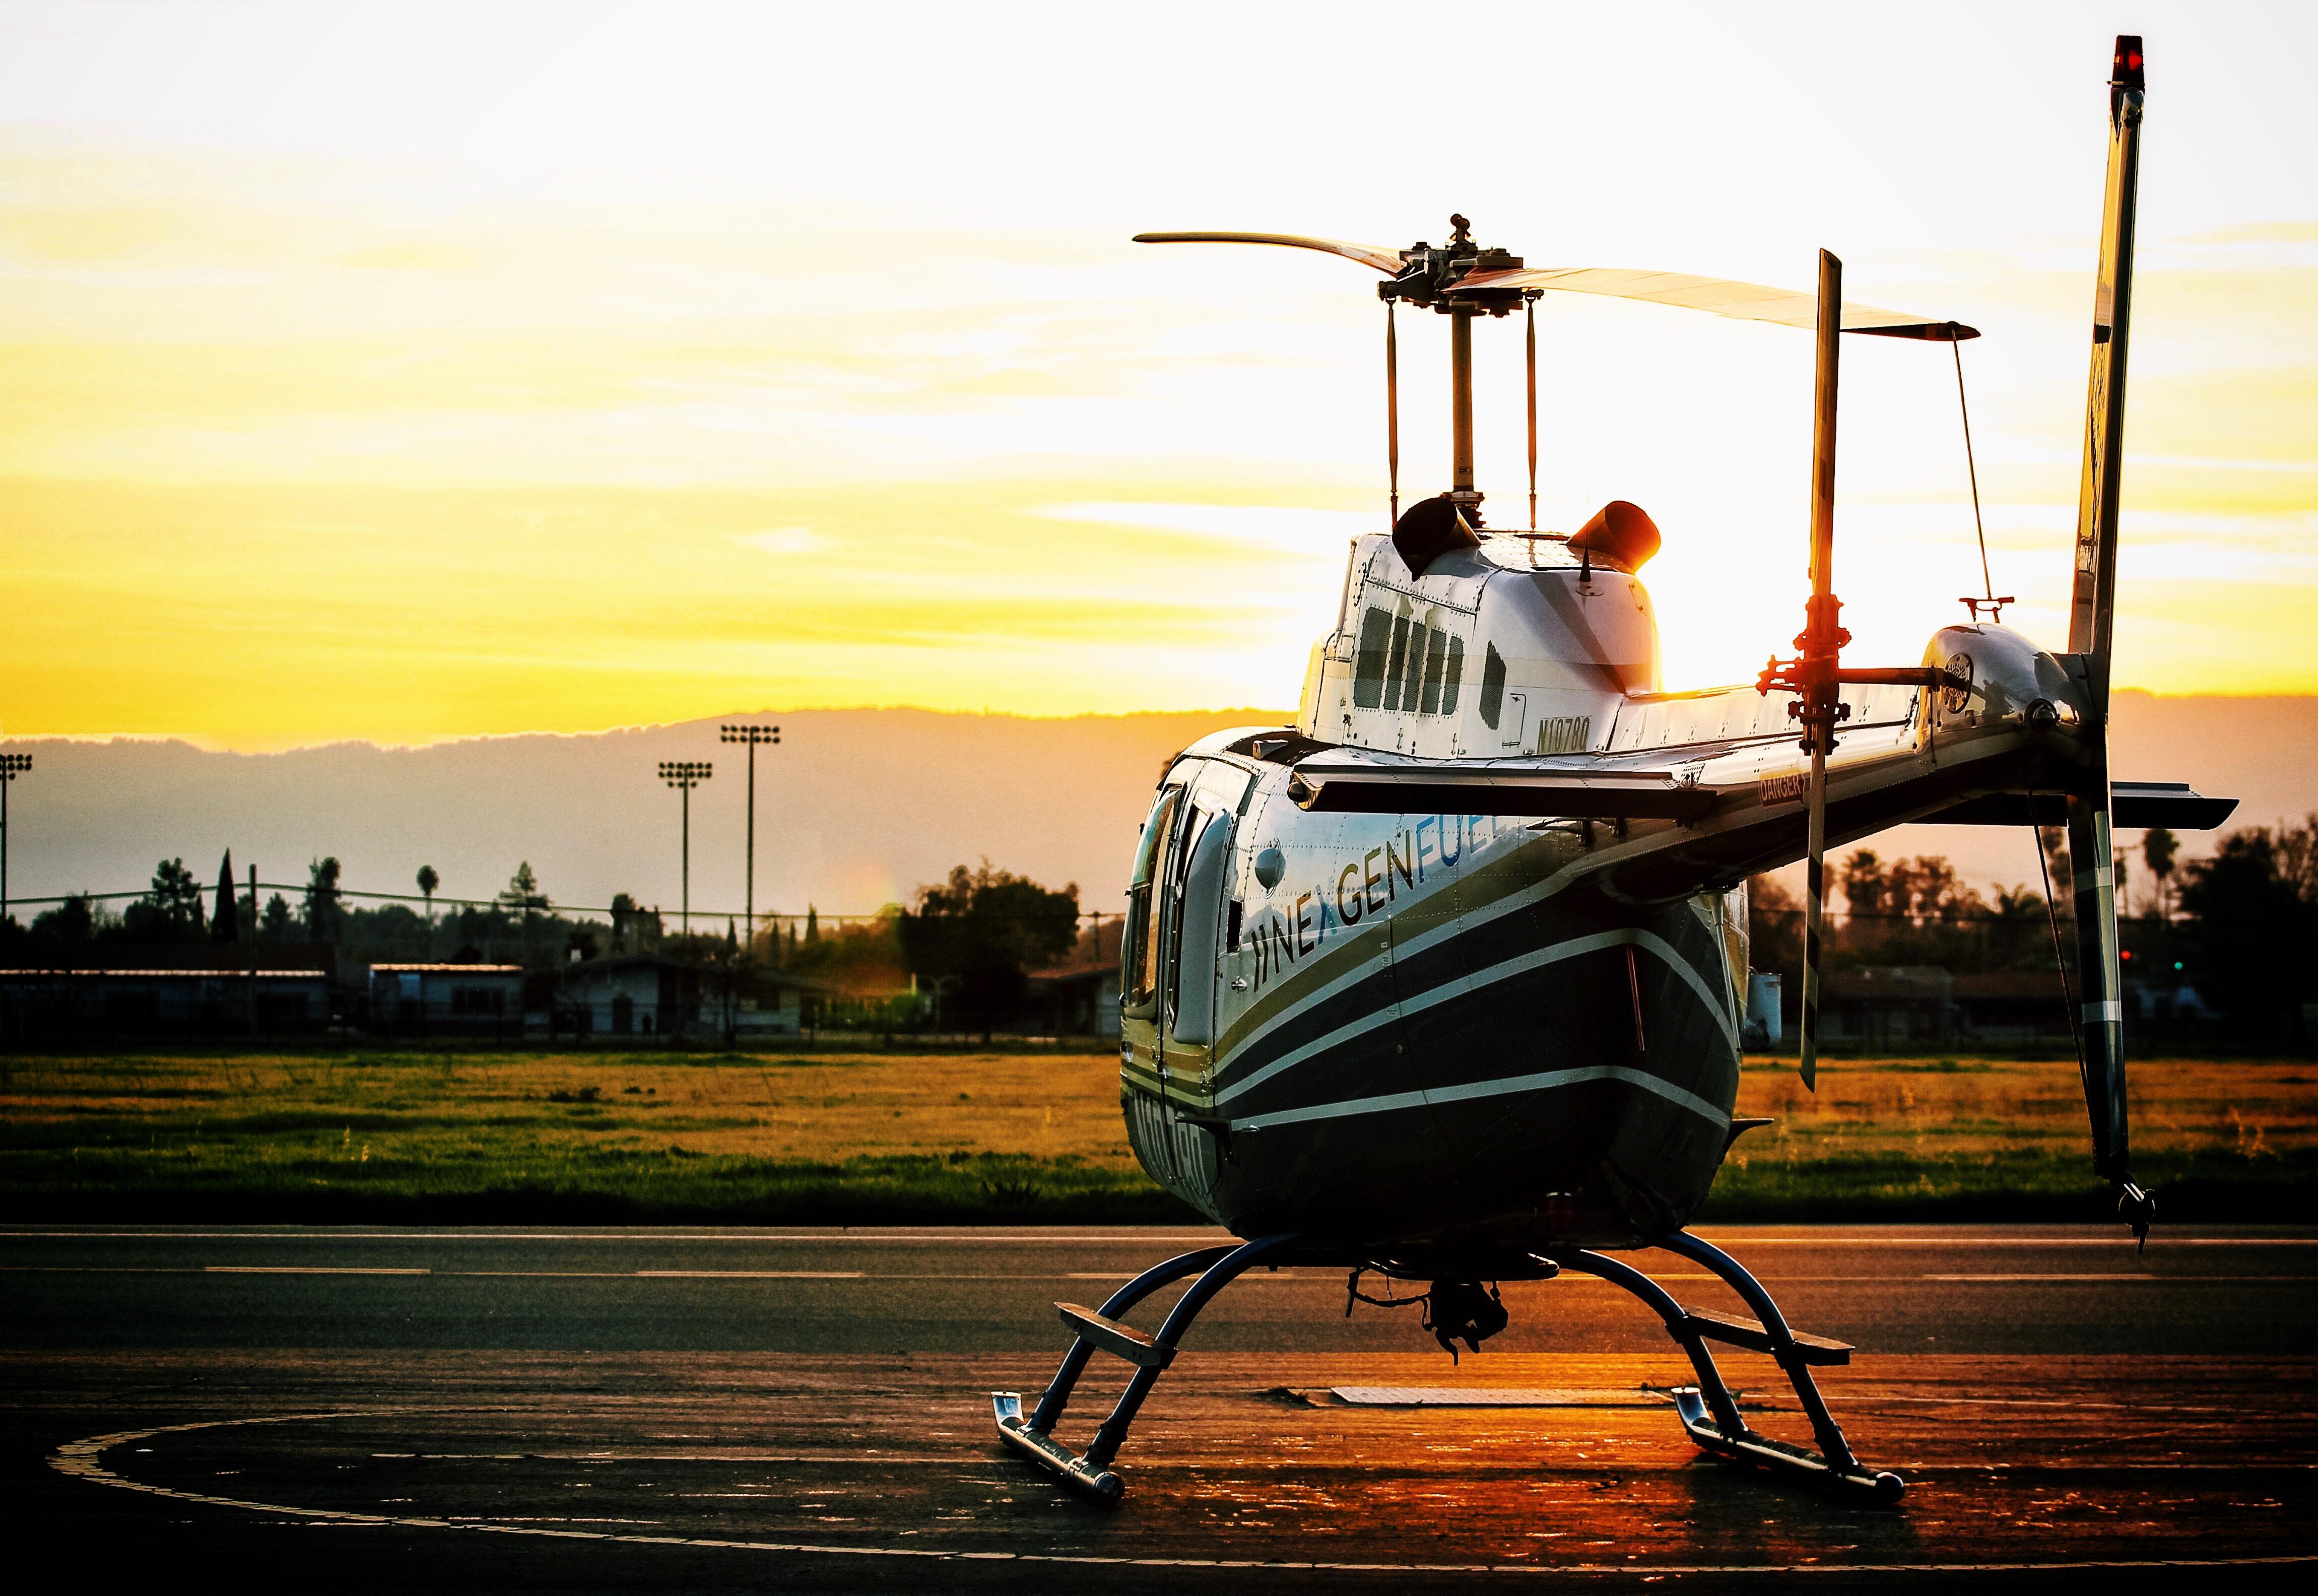 62025 Hintergrundbild herunterladen Sunset, Hubschrauber, Verschiedenes, Sonstige, Flugplatz - Bildschirmschoner und Bilder kostenlos